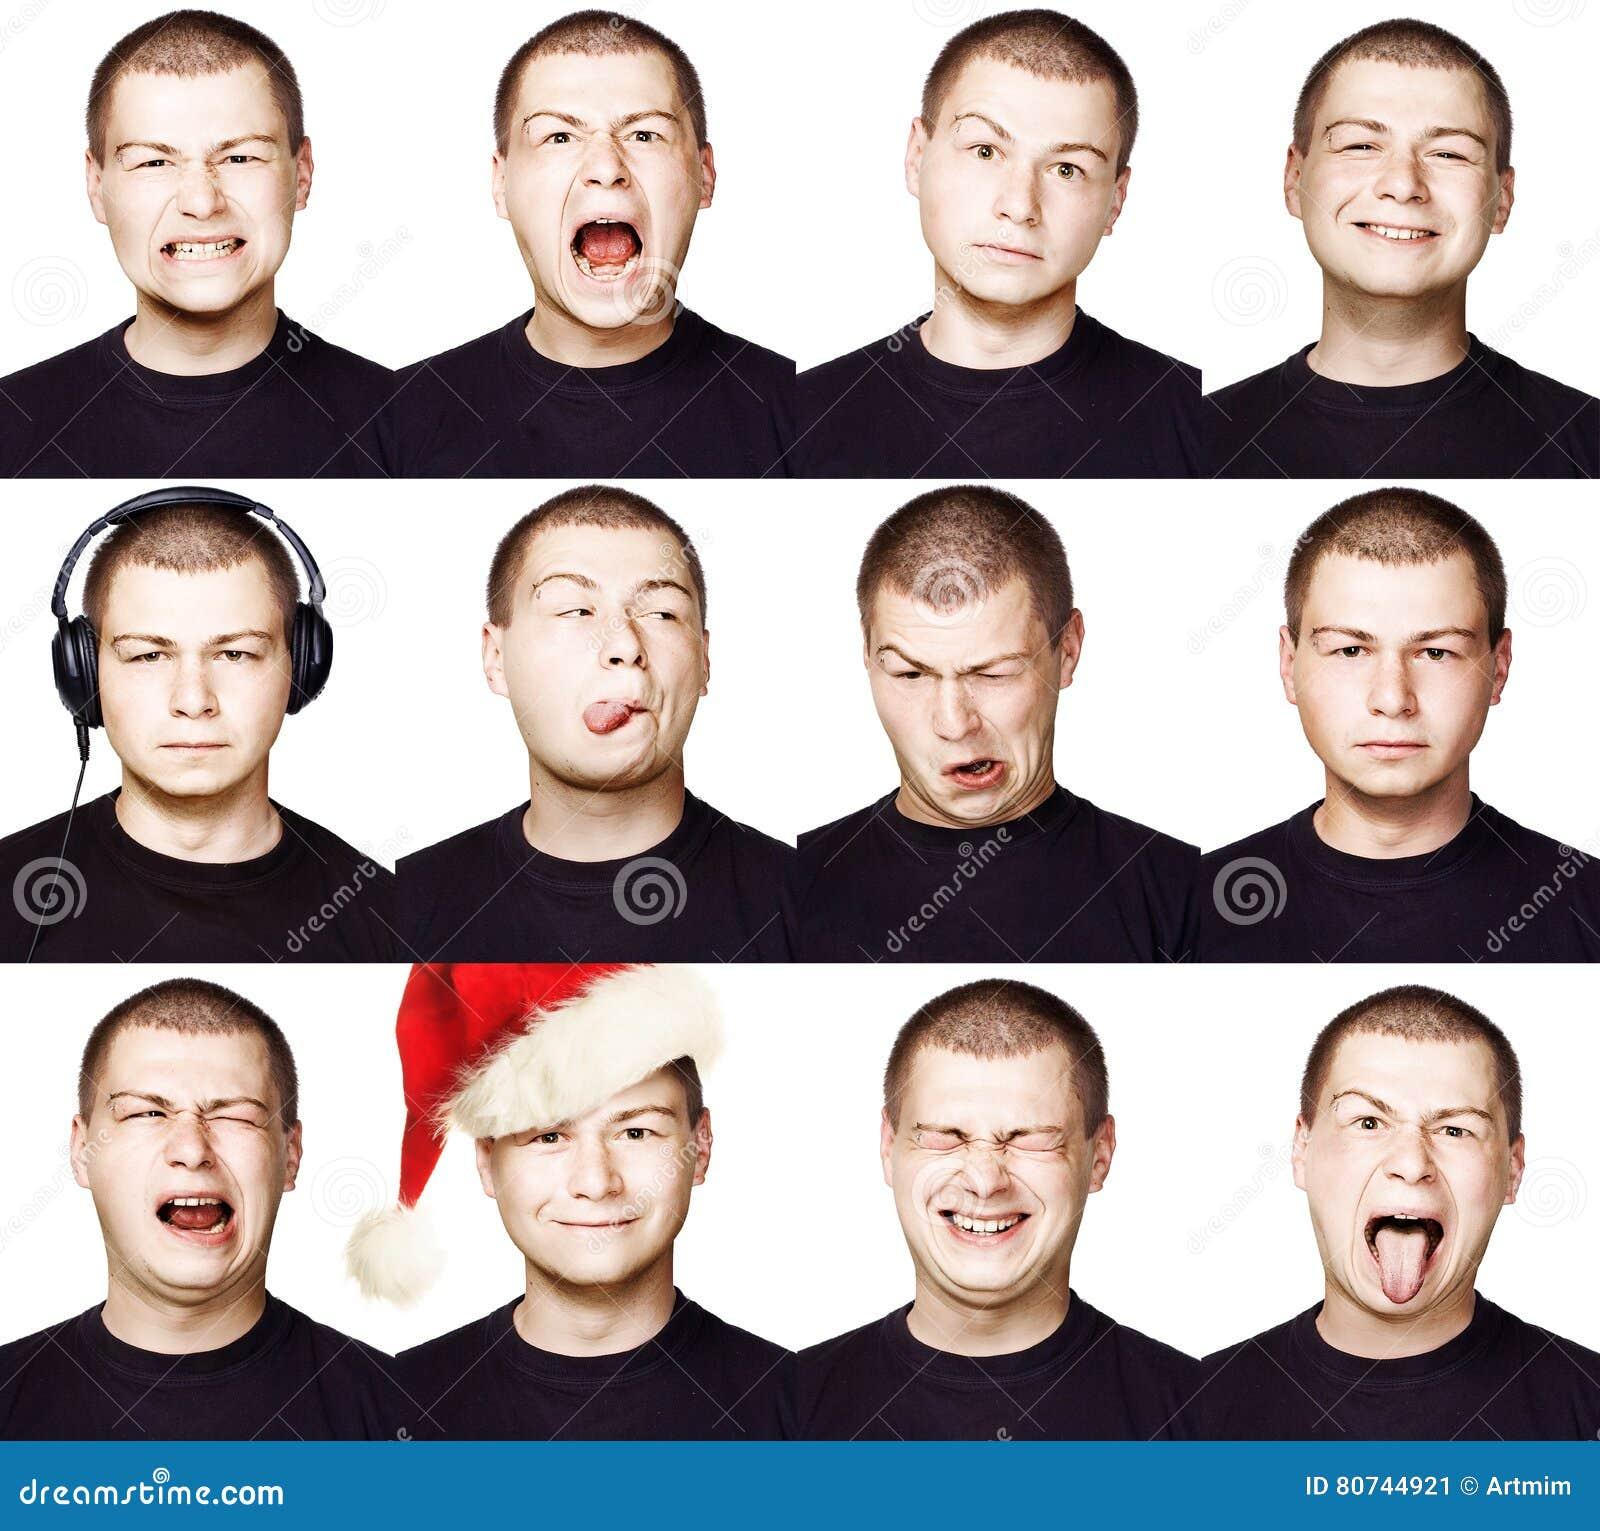 Mann Satz verschiedene Gesichtsausdrücke oder Gefühle